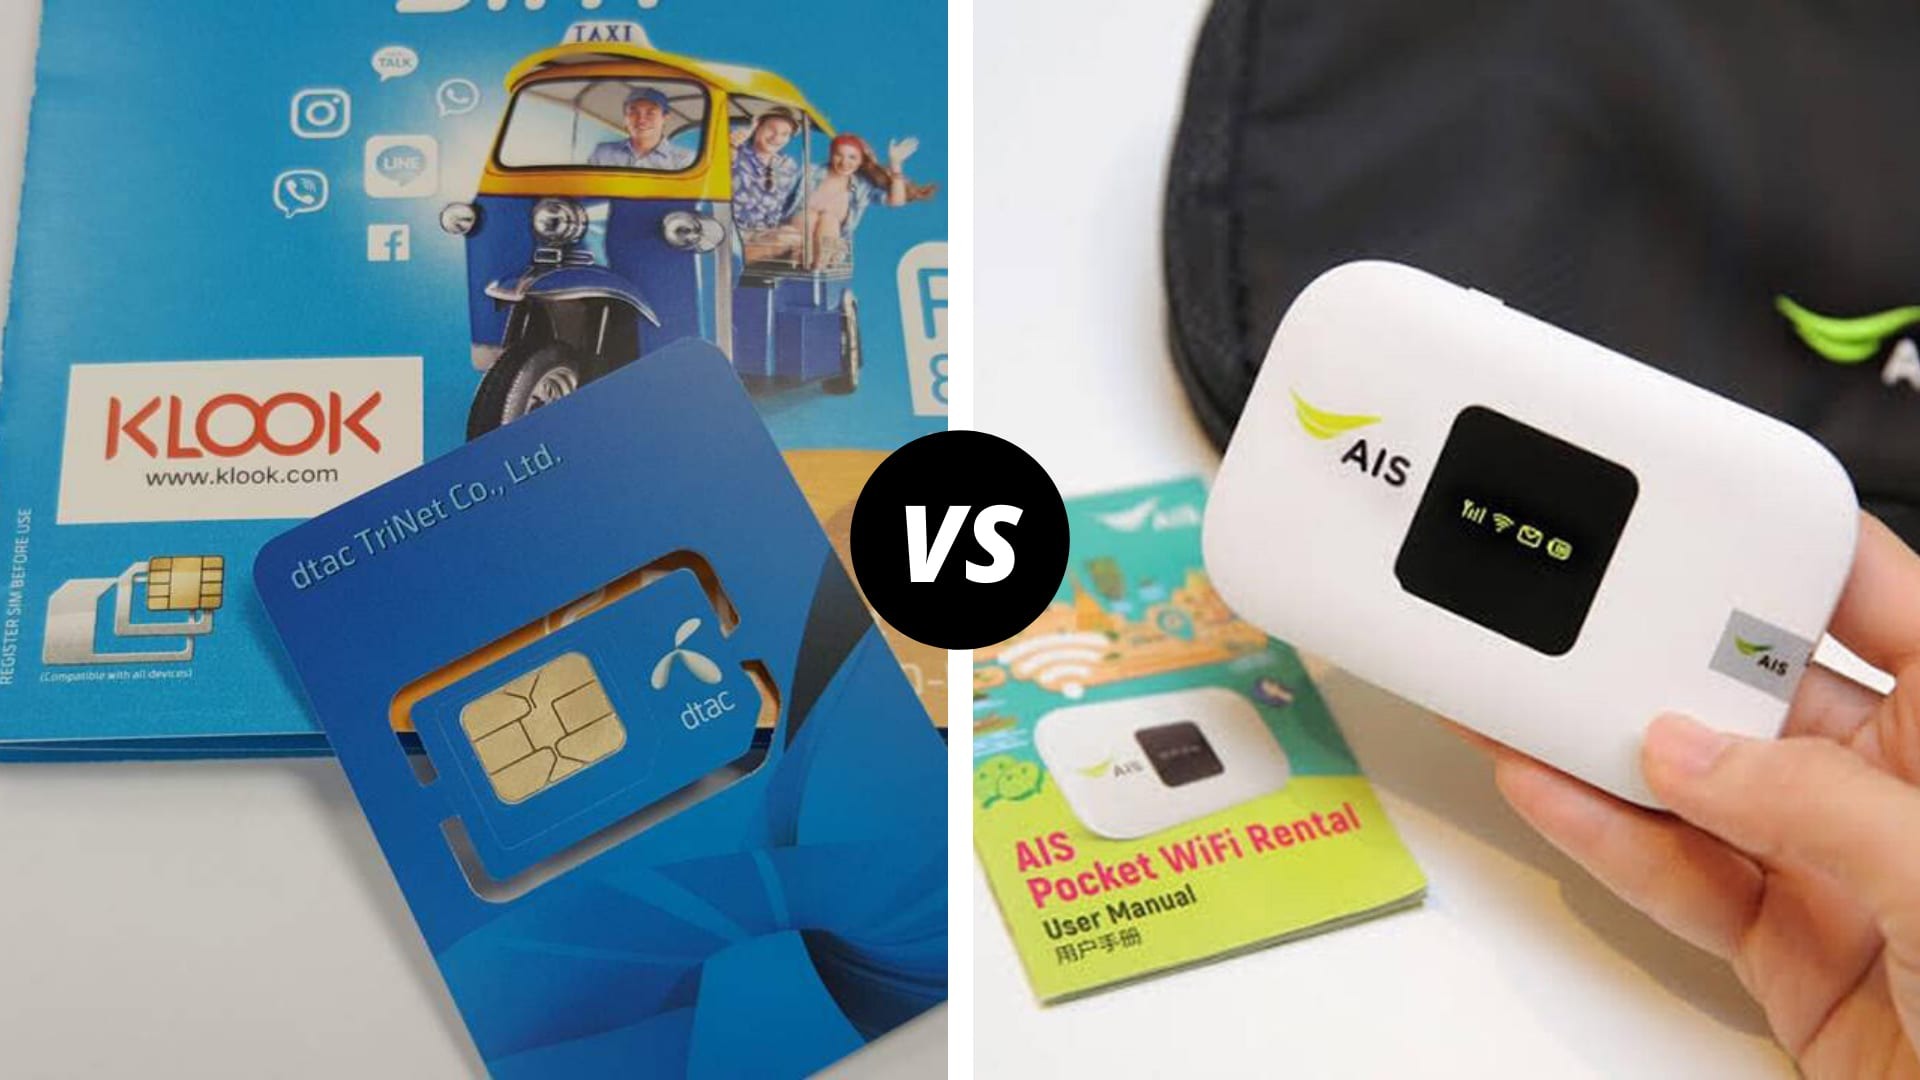 WiFi Portable vs SIM Card Lokal: Mana yang Lebih Baik untuk Internetan Saat Traveling ke Luar Negeri? - Klook Travel Blog